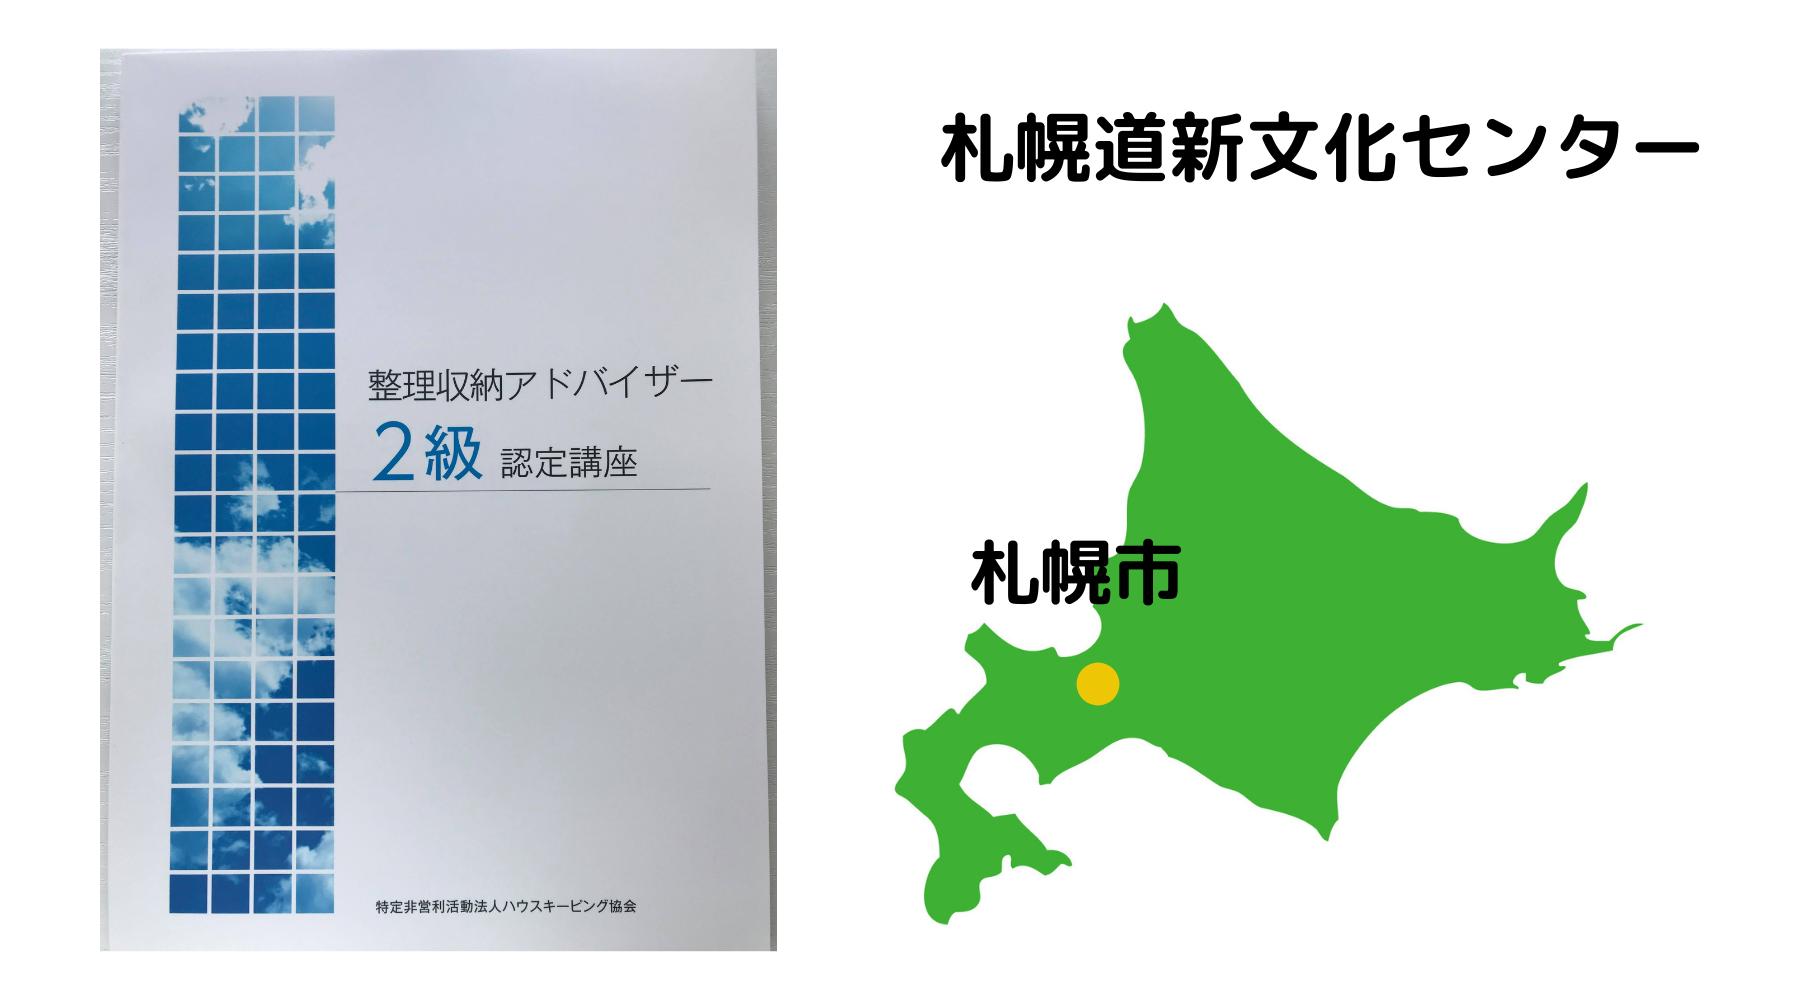 【講座会場案内】札幌道新文化センター